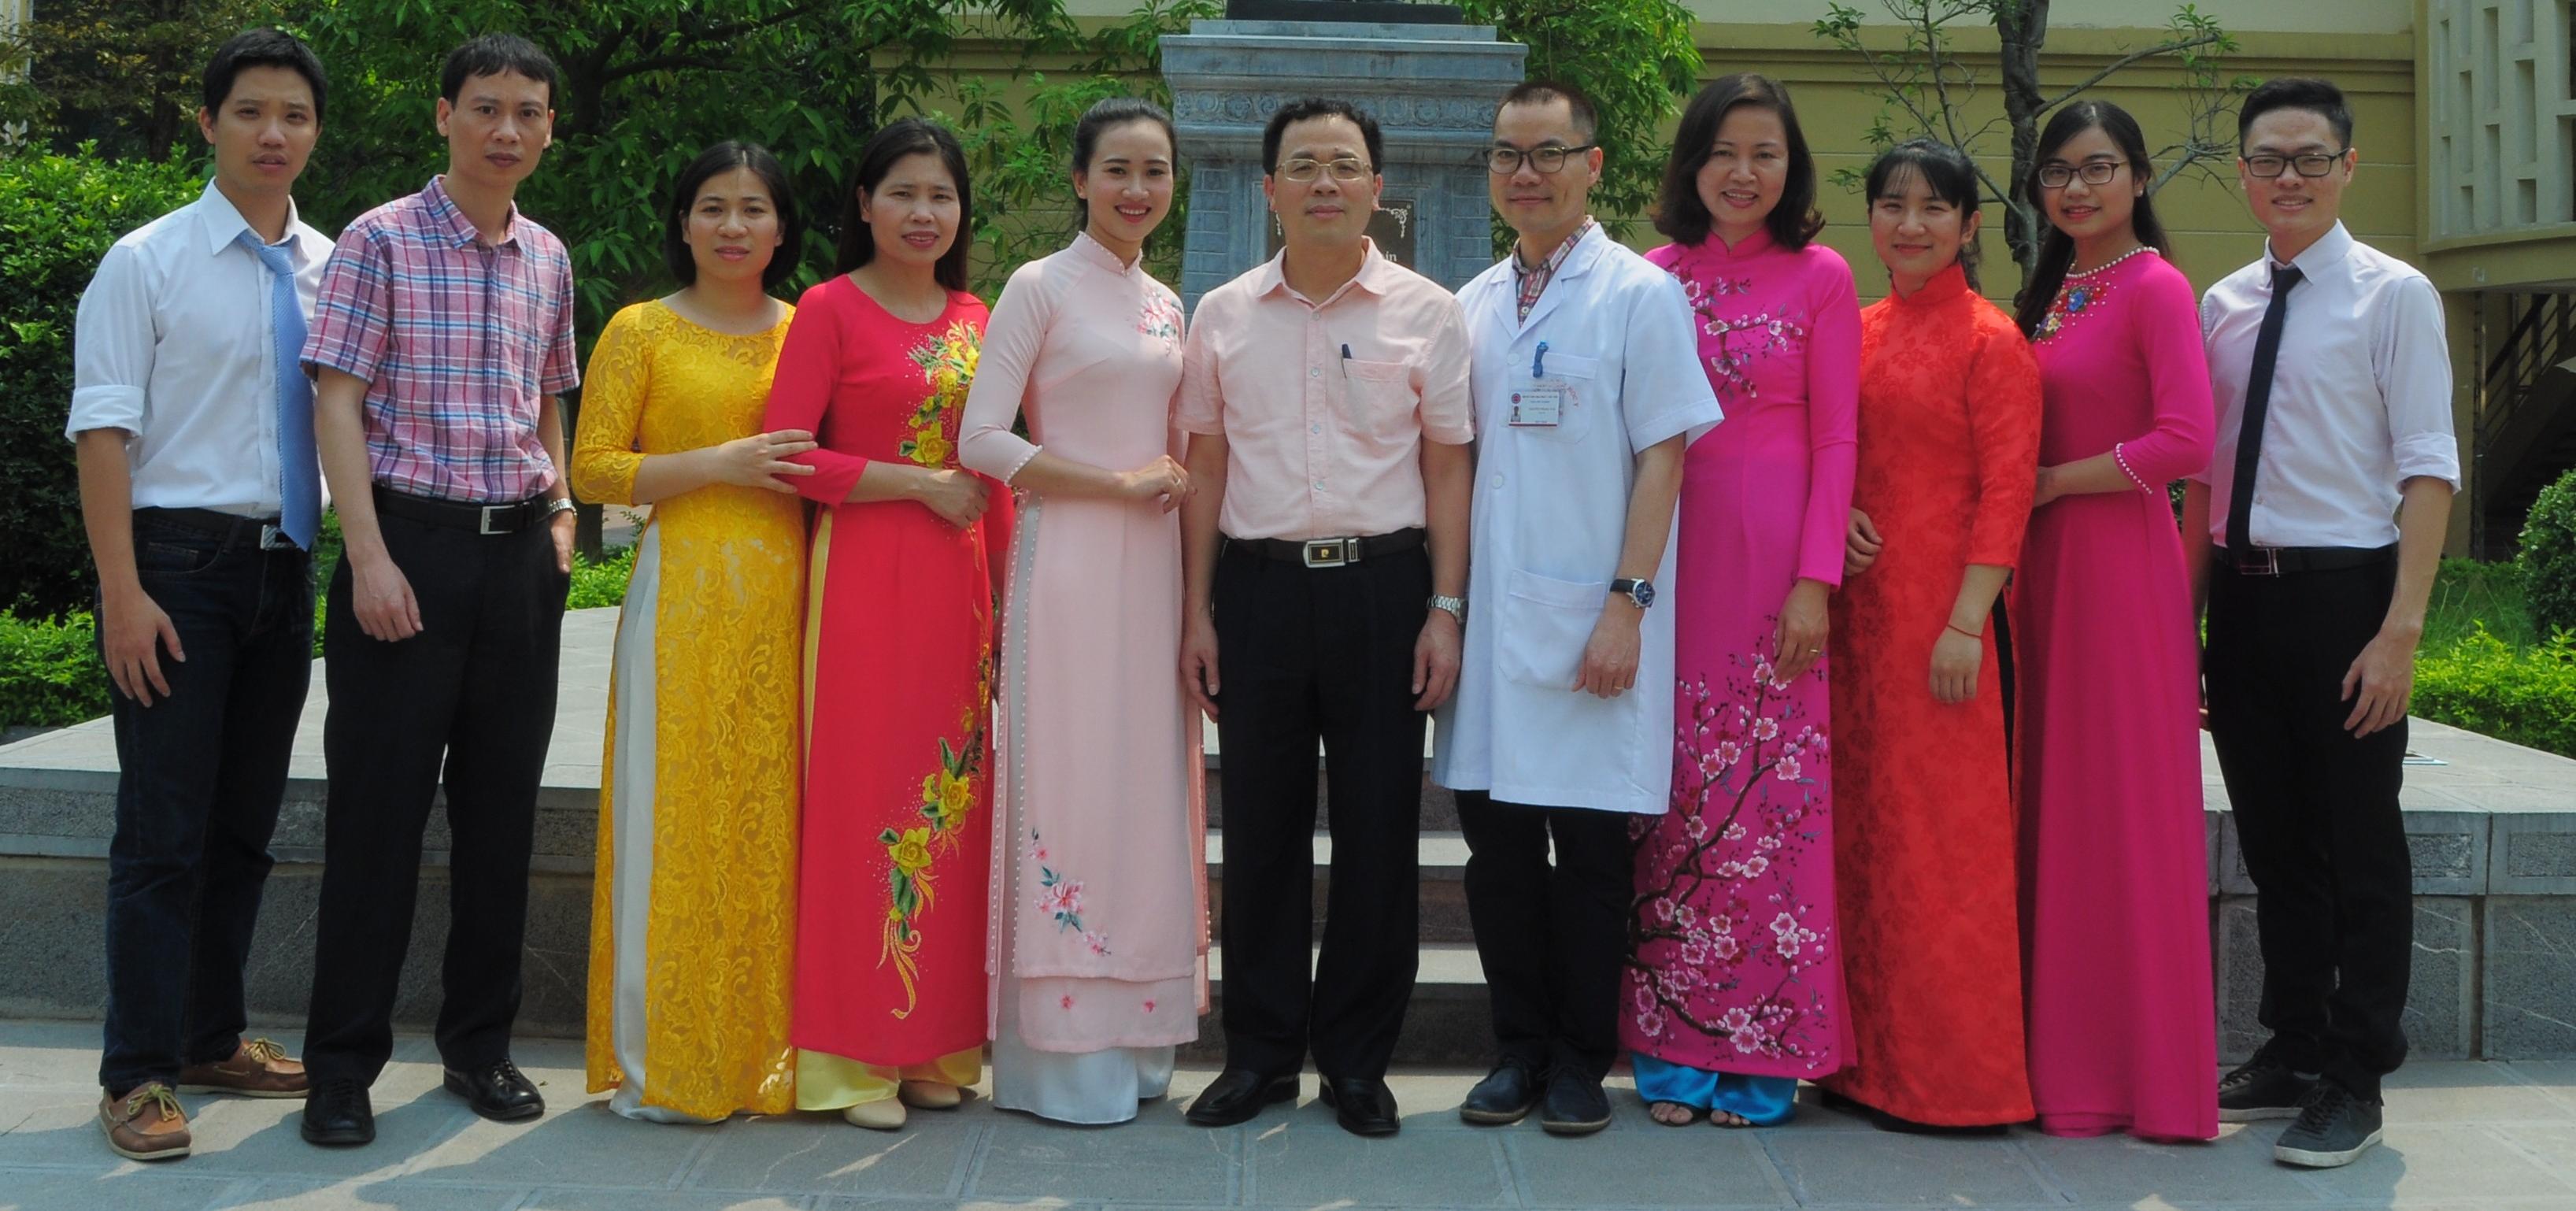 Đội ngũ cán bộ trung tâm cùng Hiệu Trưởng Tạ Thành Văn